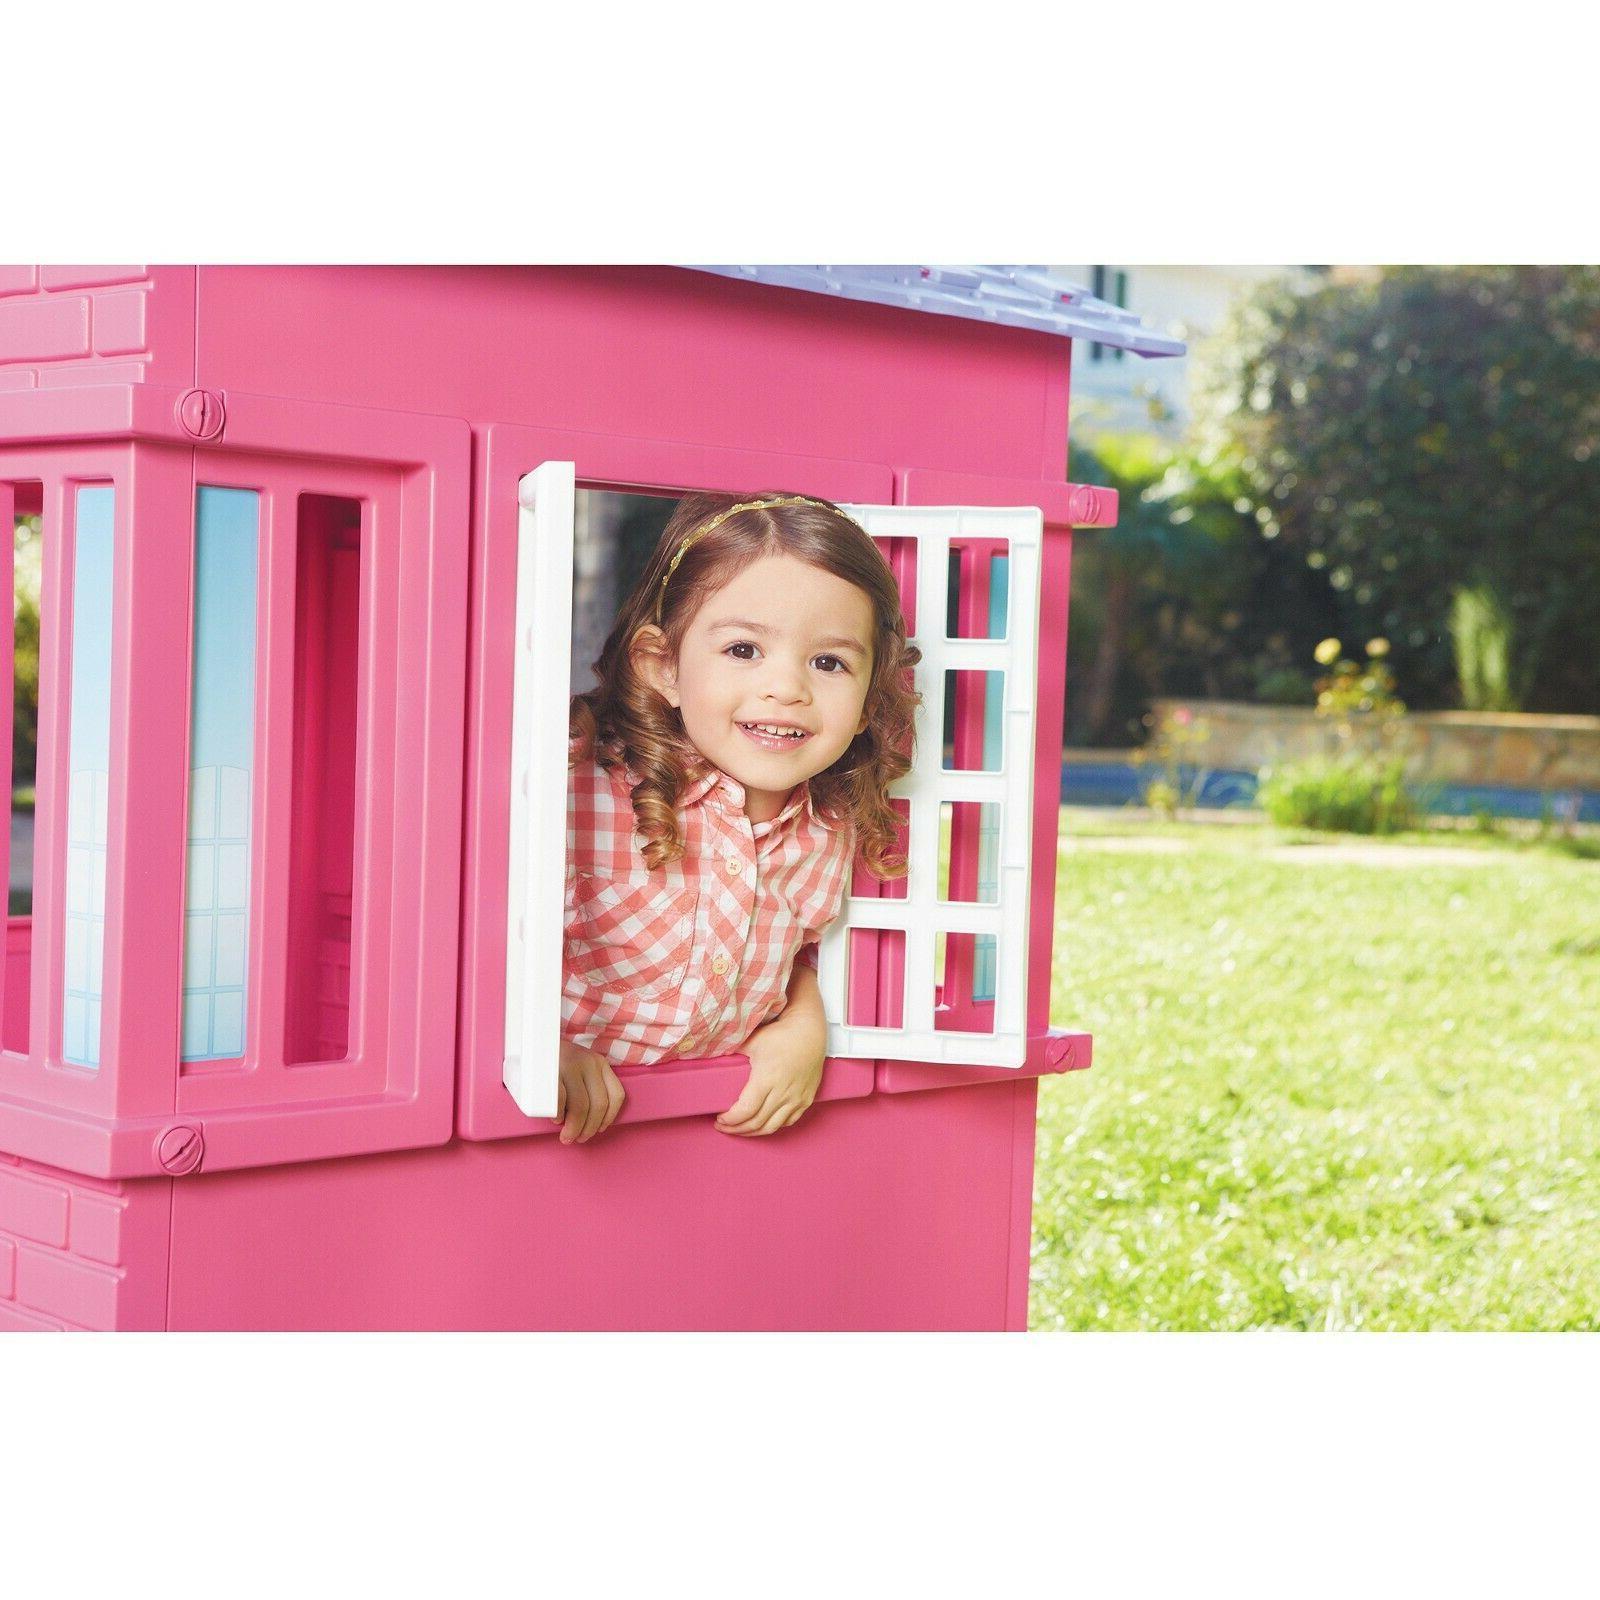 Plastic Pretend House Toddler Indoor Outdoor Fun